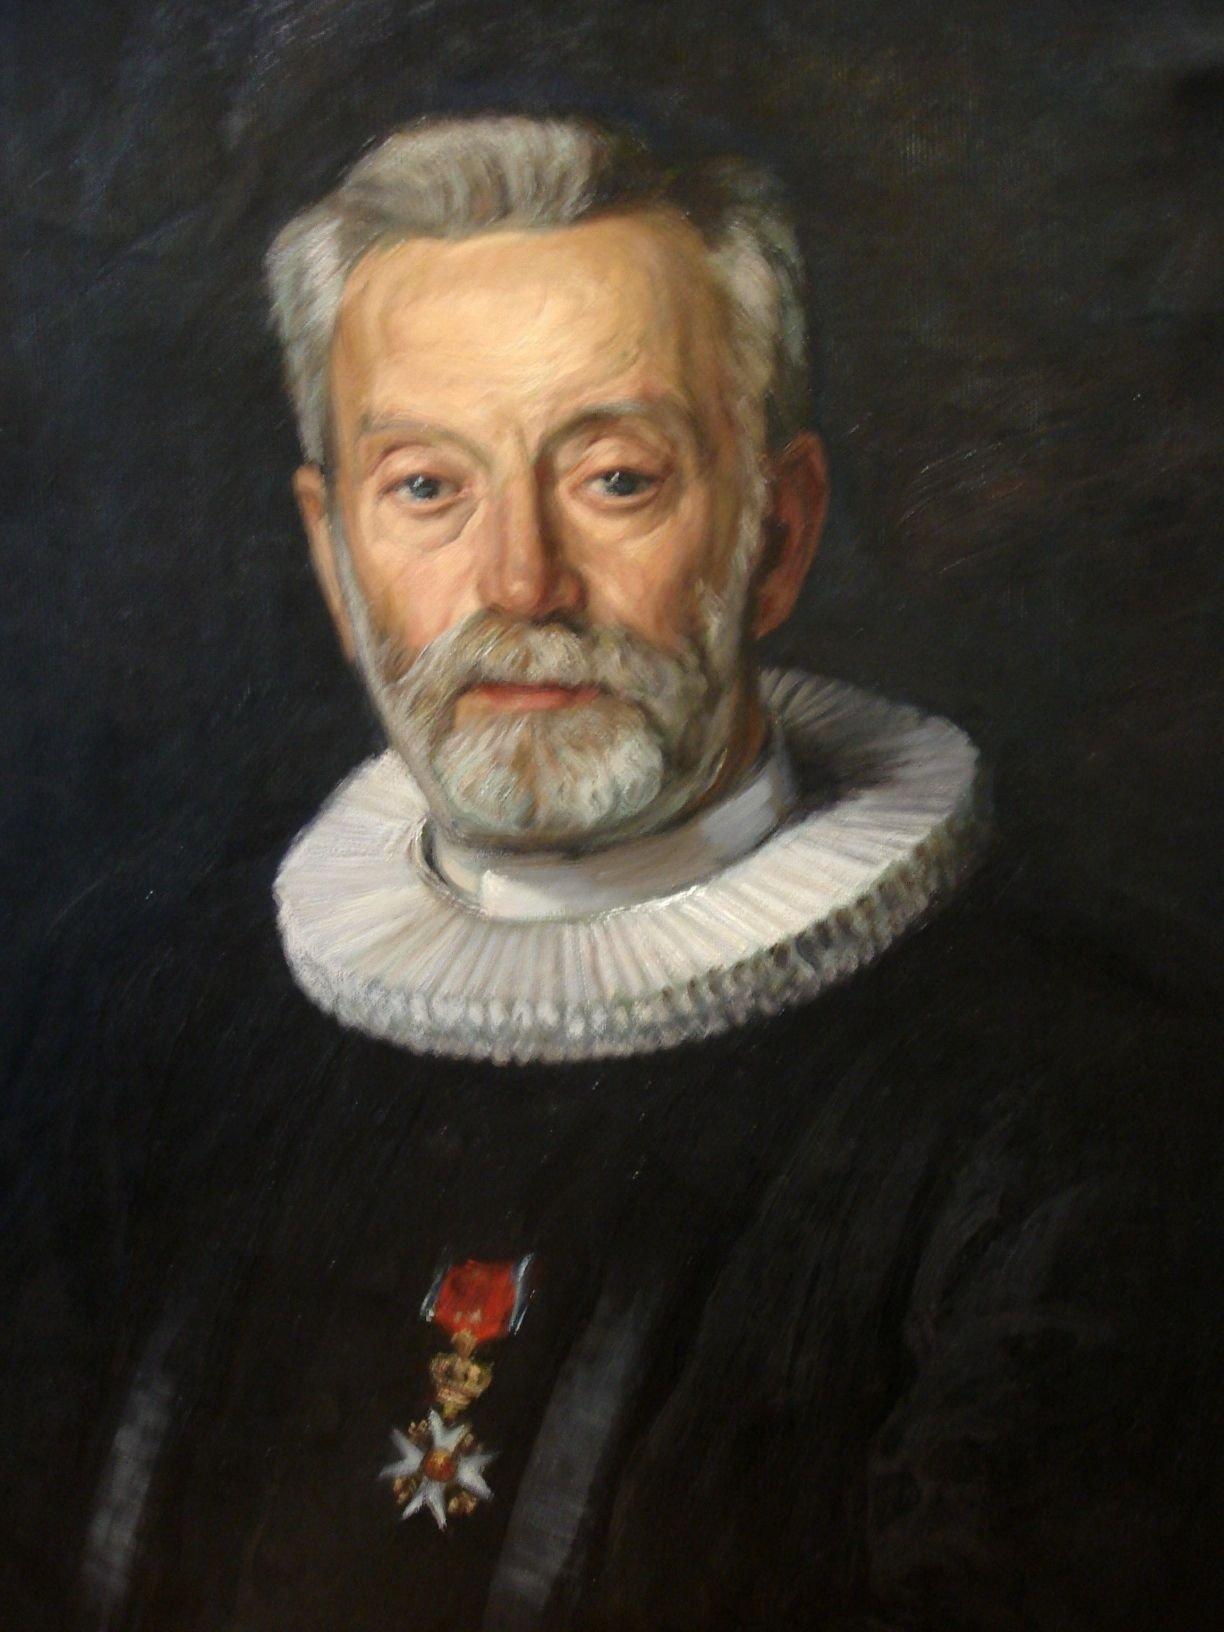 Maleri av Ole Olsen Moe, bildet henger i menighetssalen. KLIKK PÅ BILDET FOR Å SE NESTE BILDE